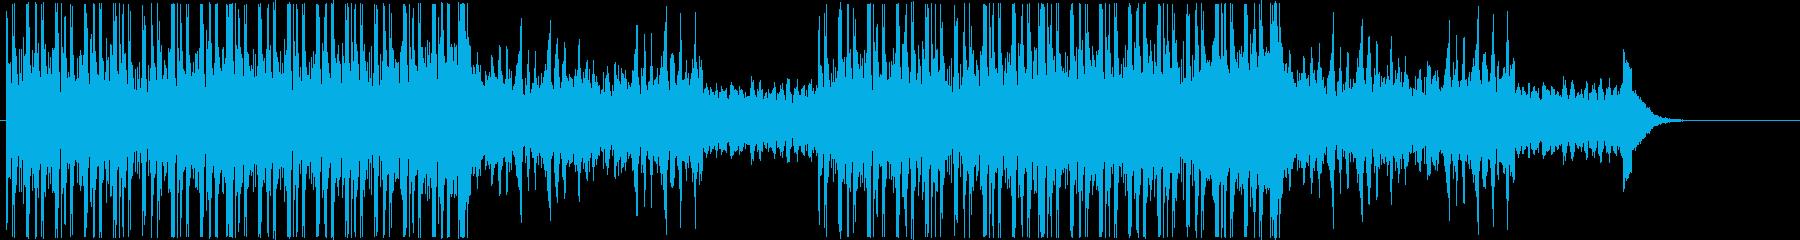 オーディオドラマ向けBGM/サスペンス1の再生済みの波形